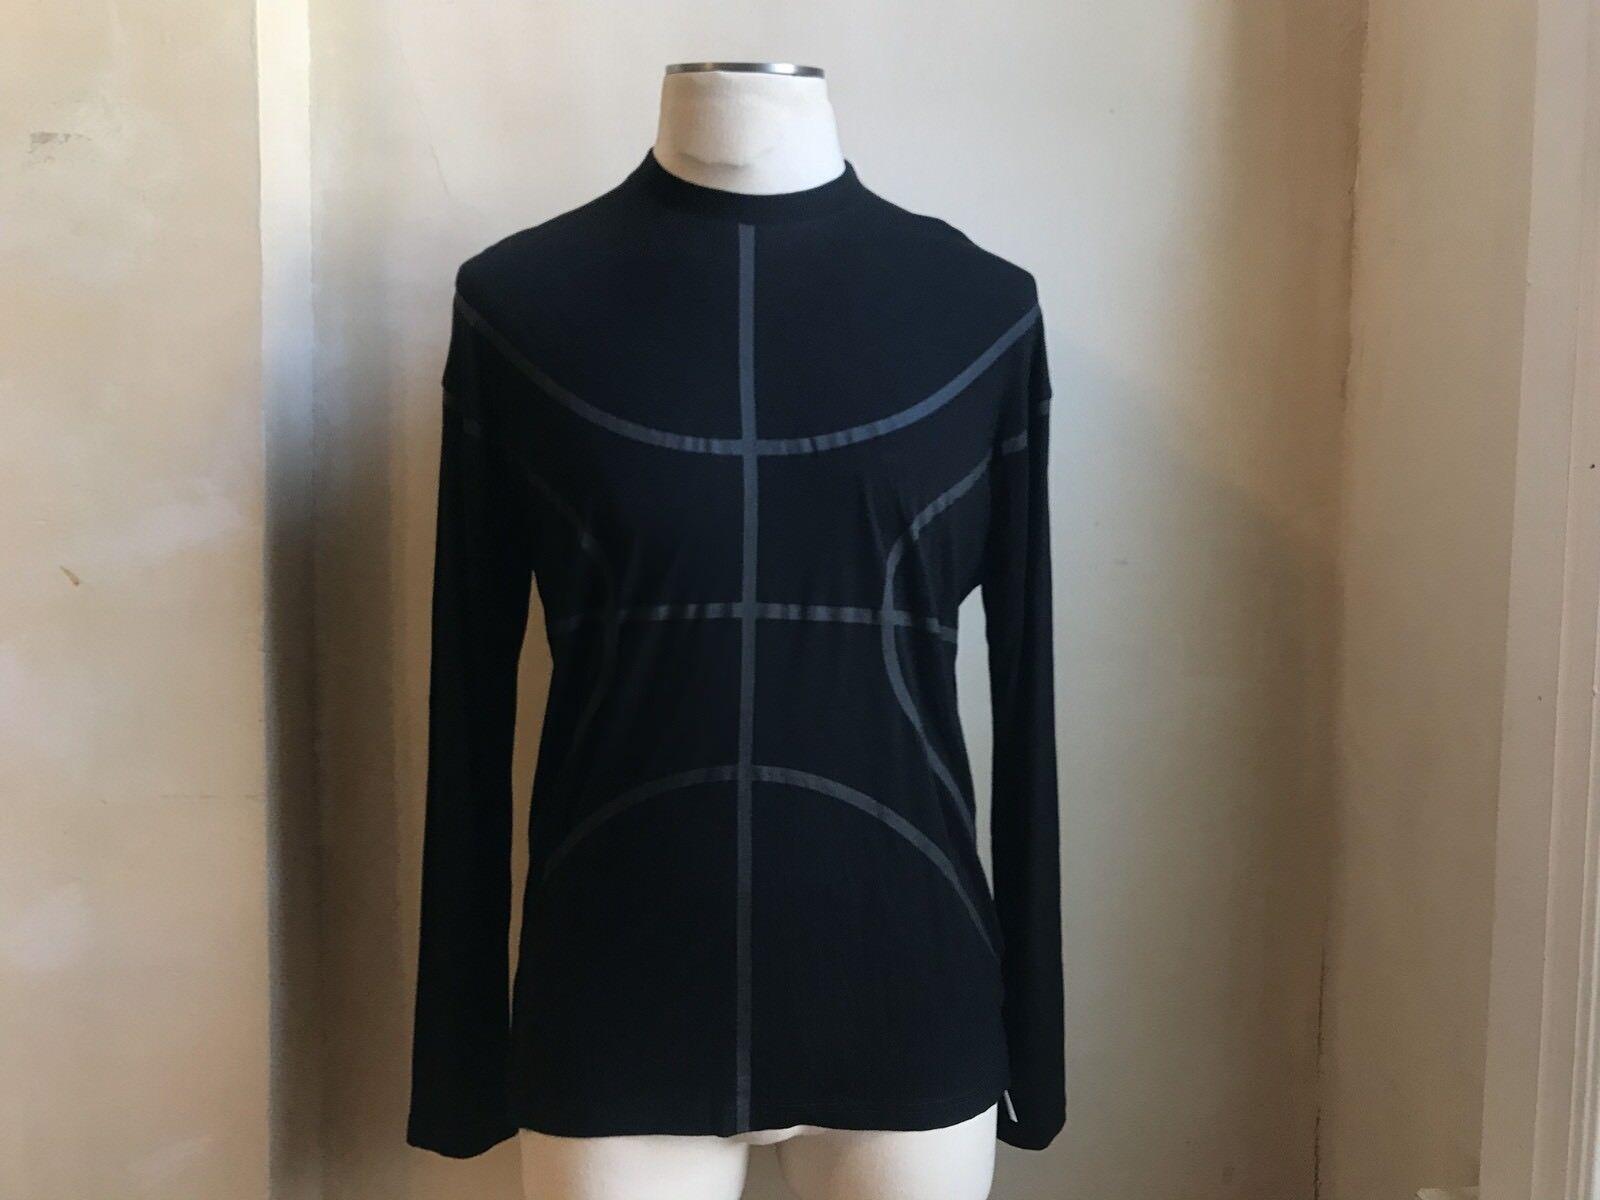 Givenchy  pista Negro Baloncesto Silhoutte Impresión de manga larga T Shirt S XS  excelentes precios